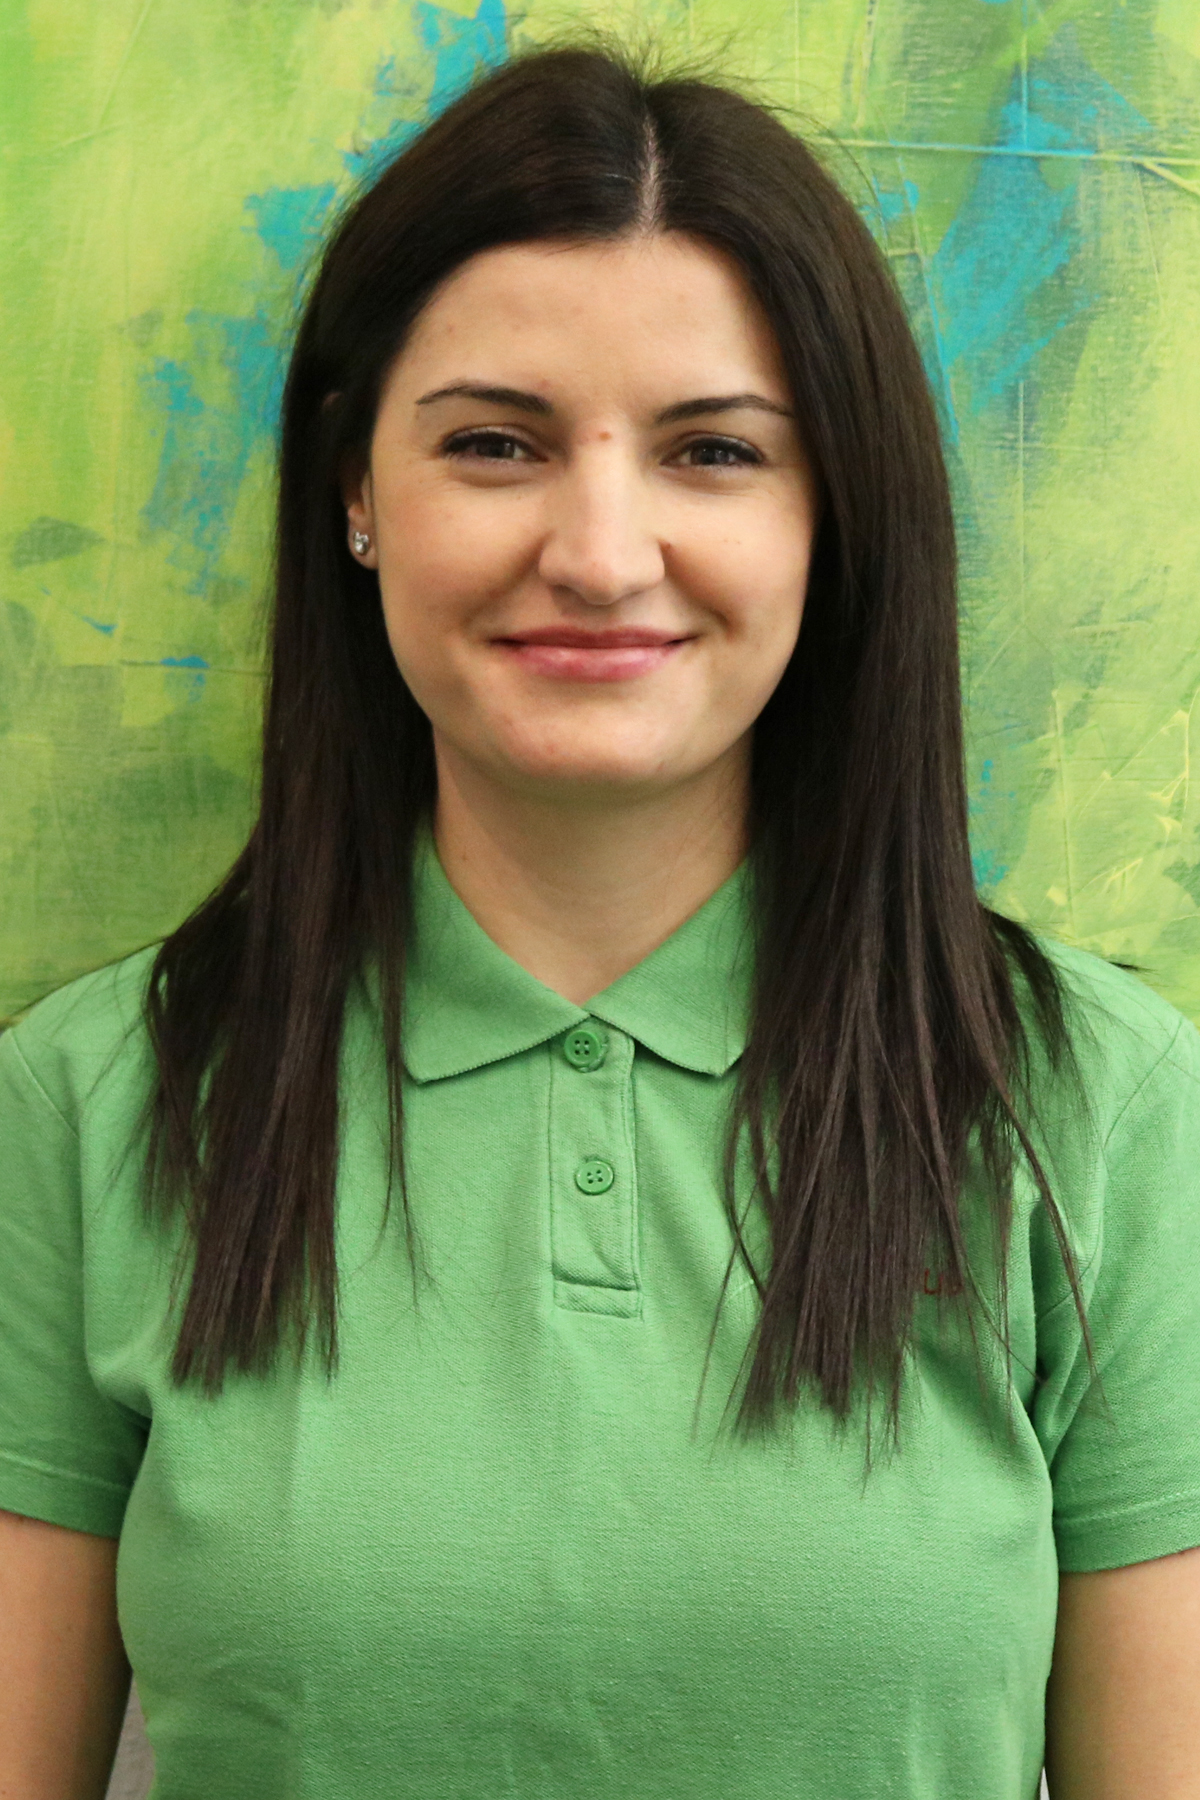 Bianca Felea